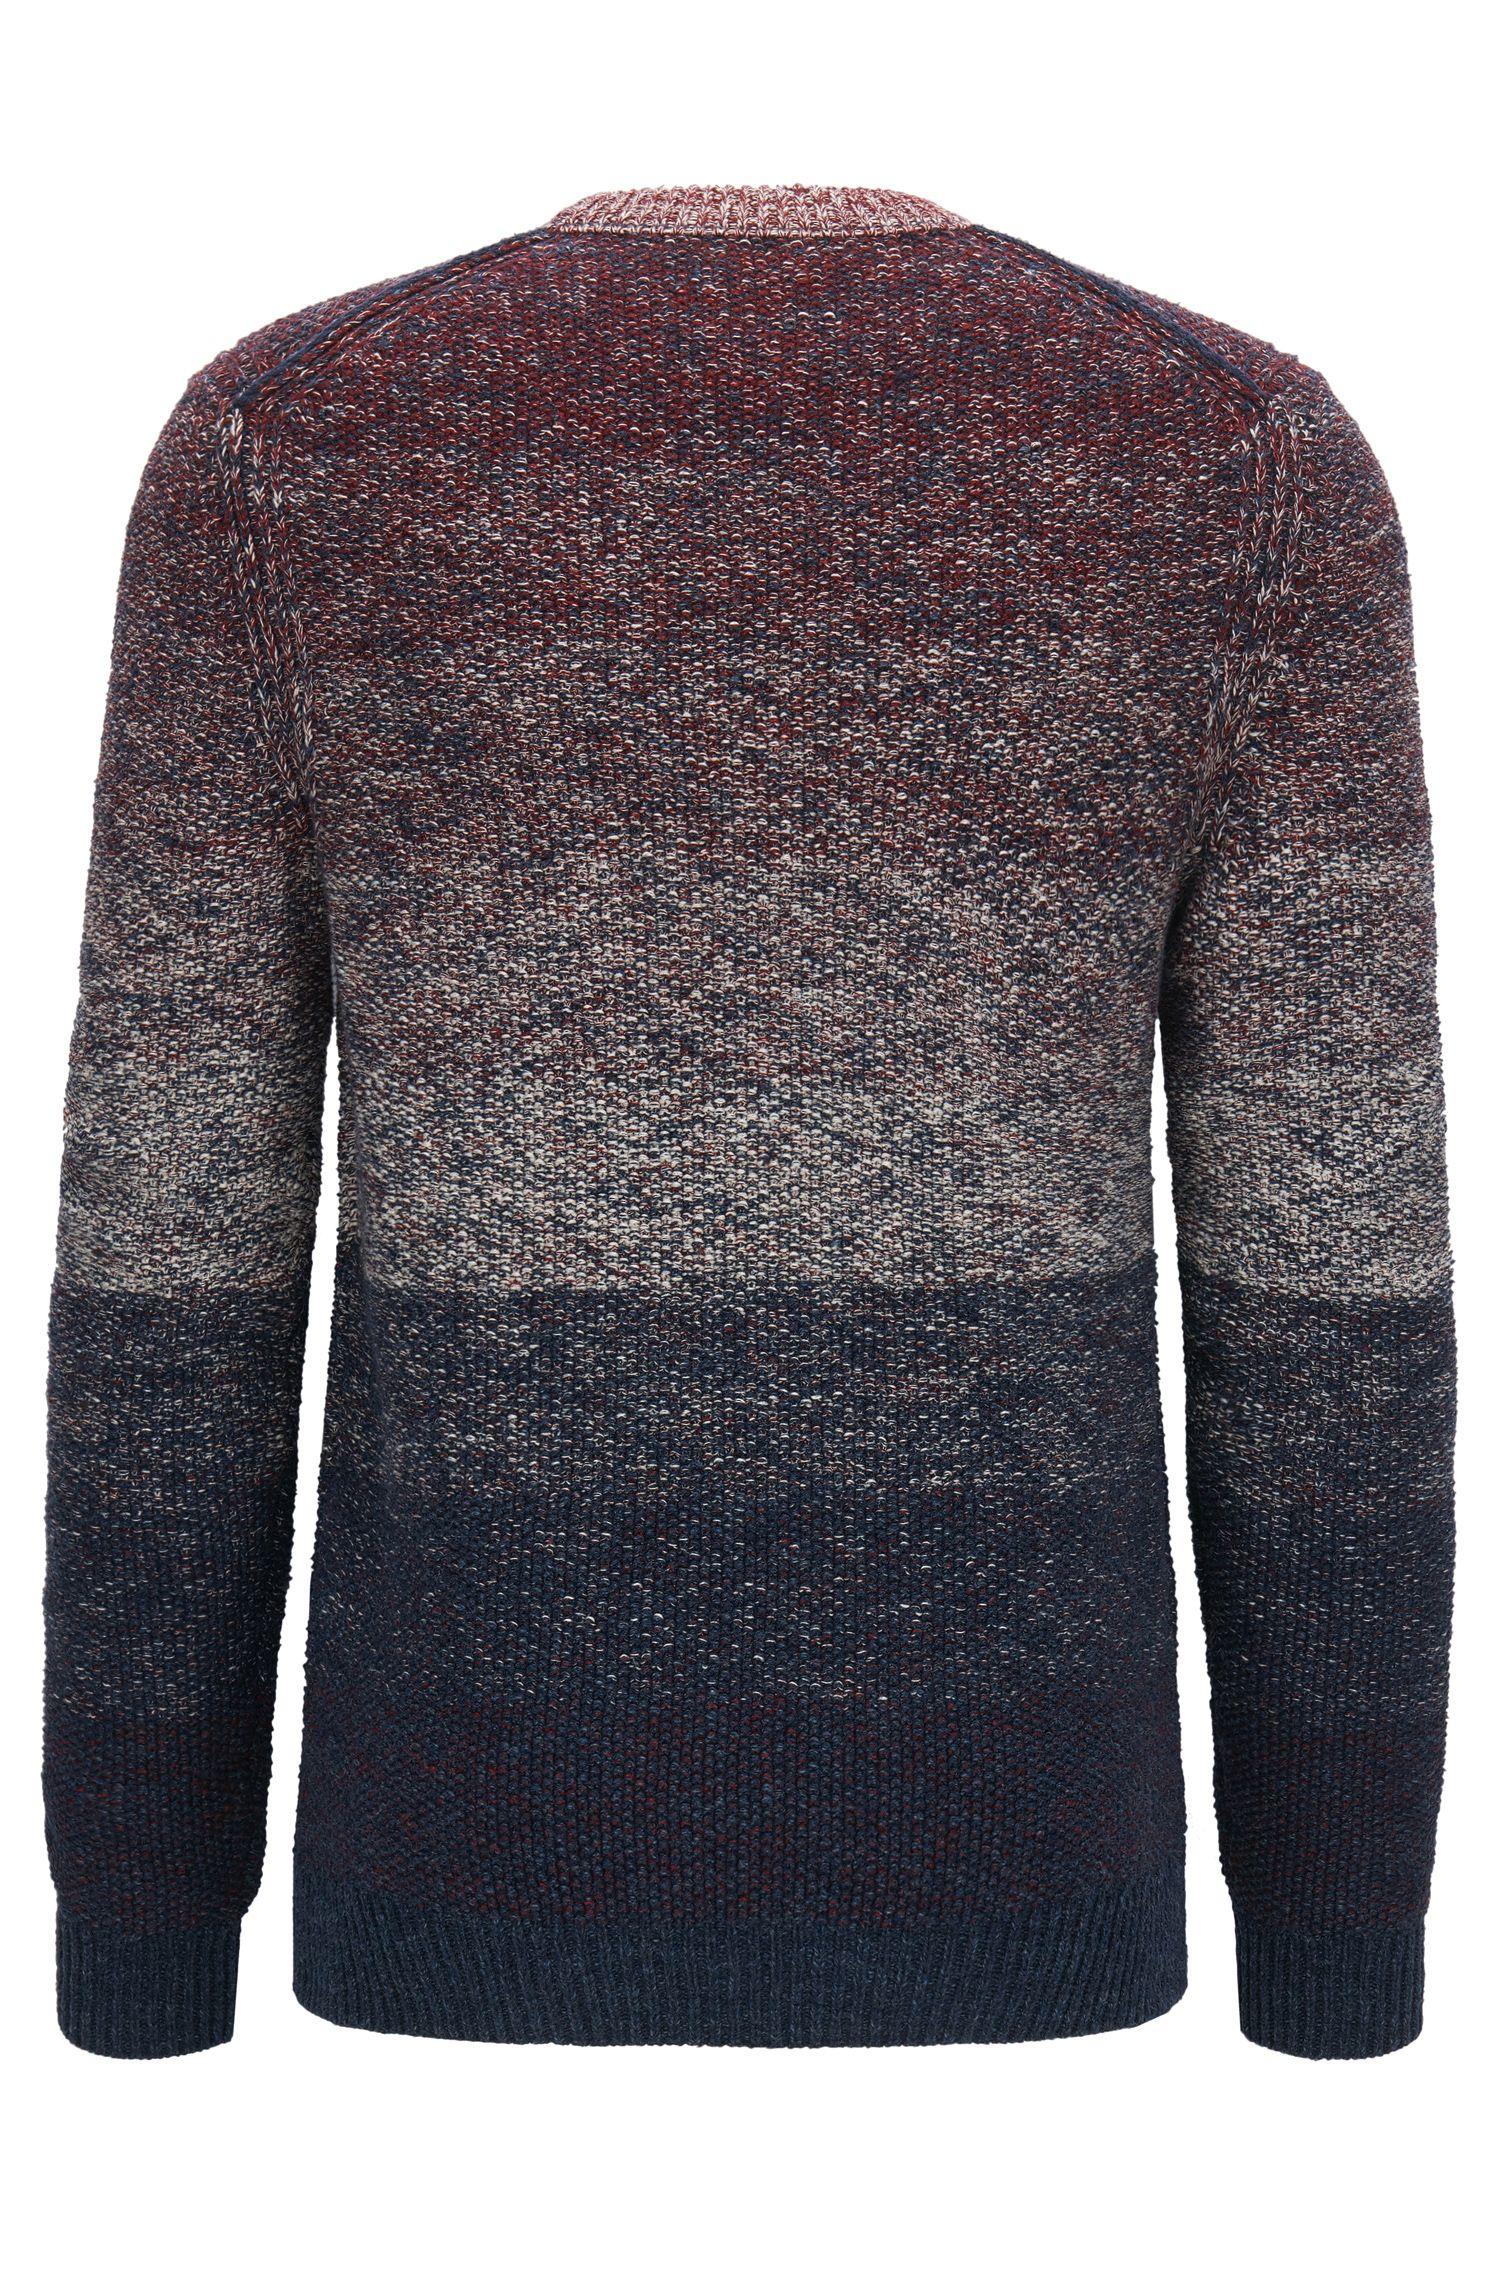 'Arduage' | Gradient Cotton Sweater, Dark Blue